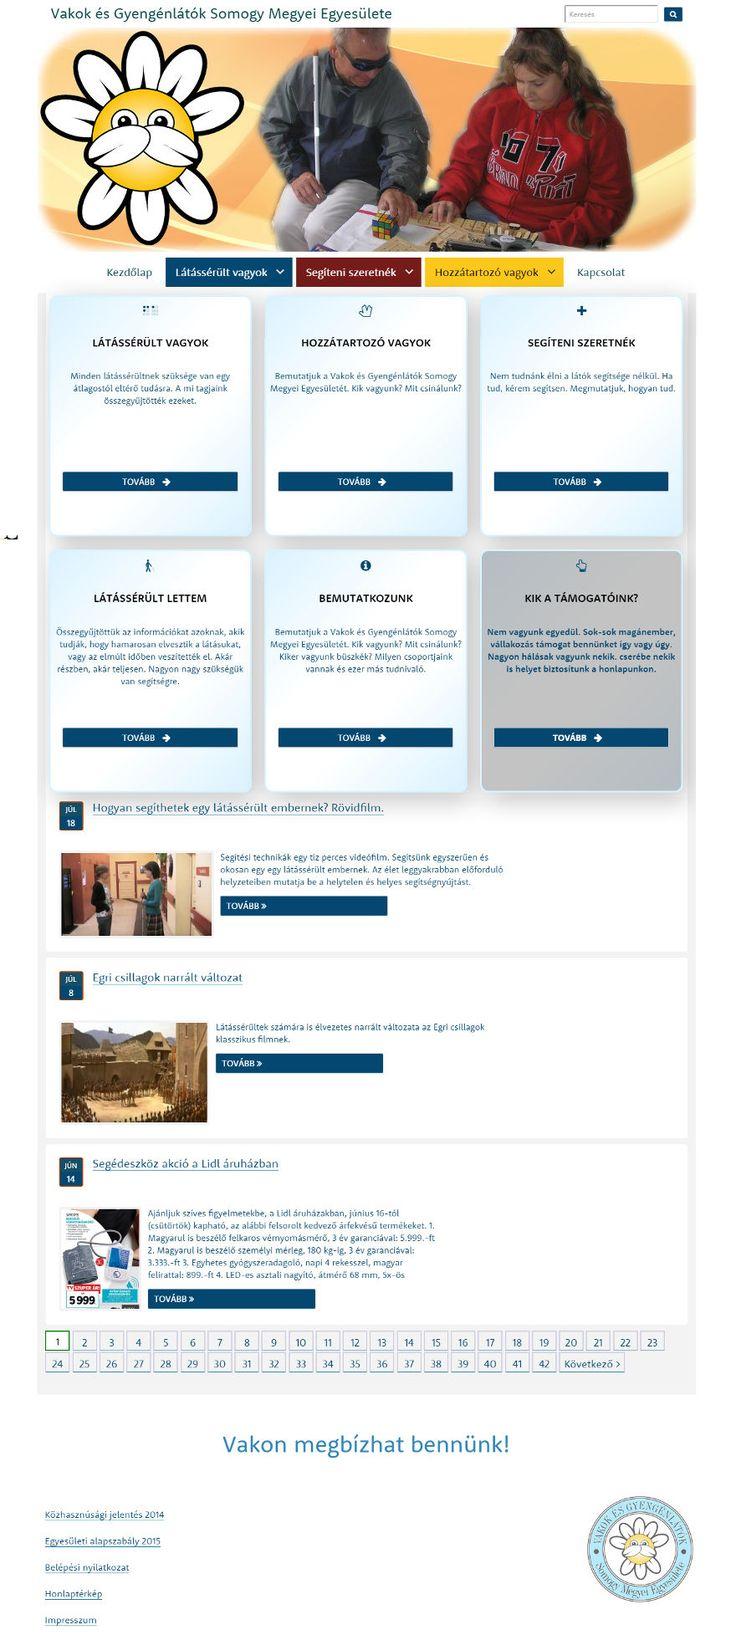 Vakok és Gyengénlátók Somogy Megyei Egyesülete akadálymentes weboldala